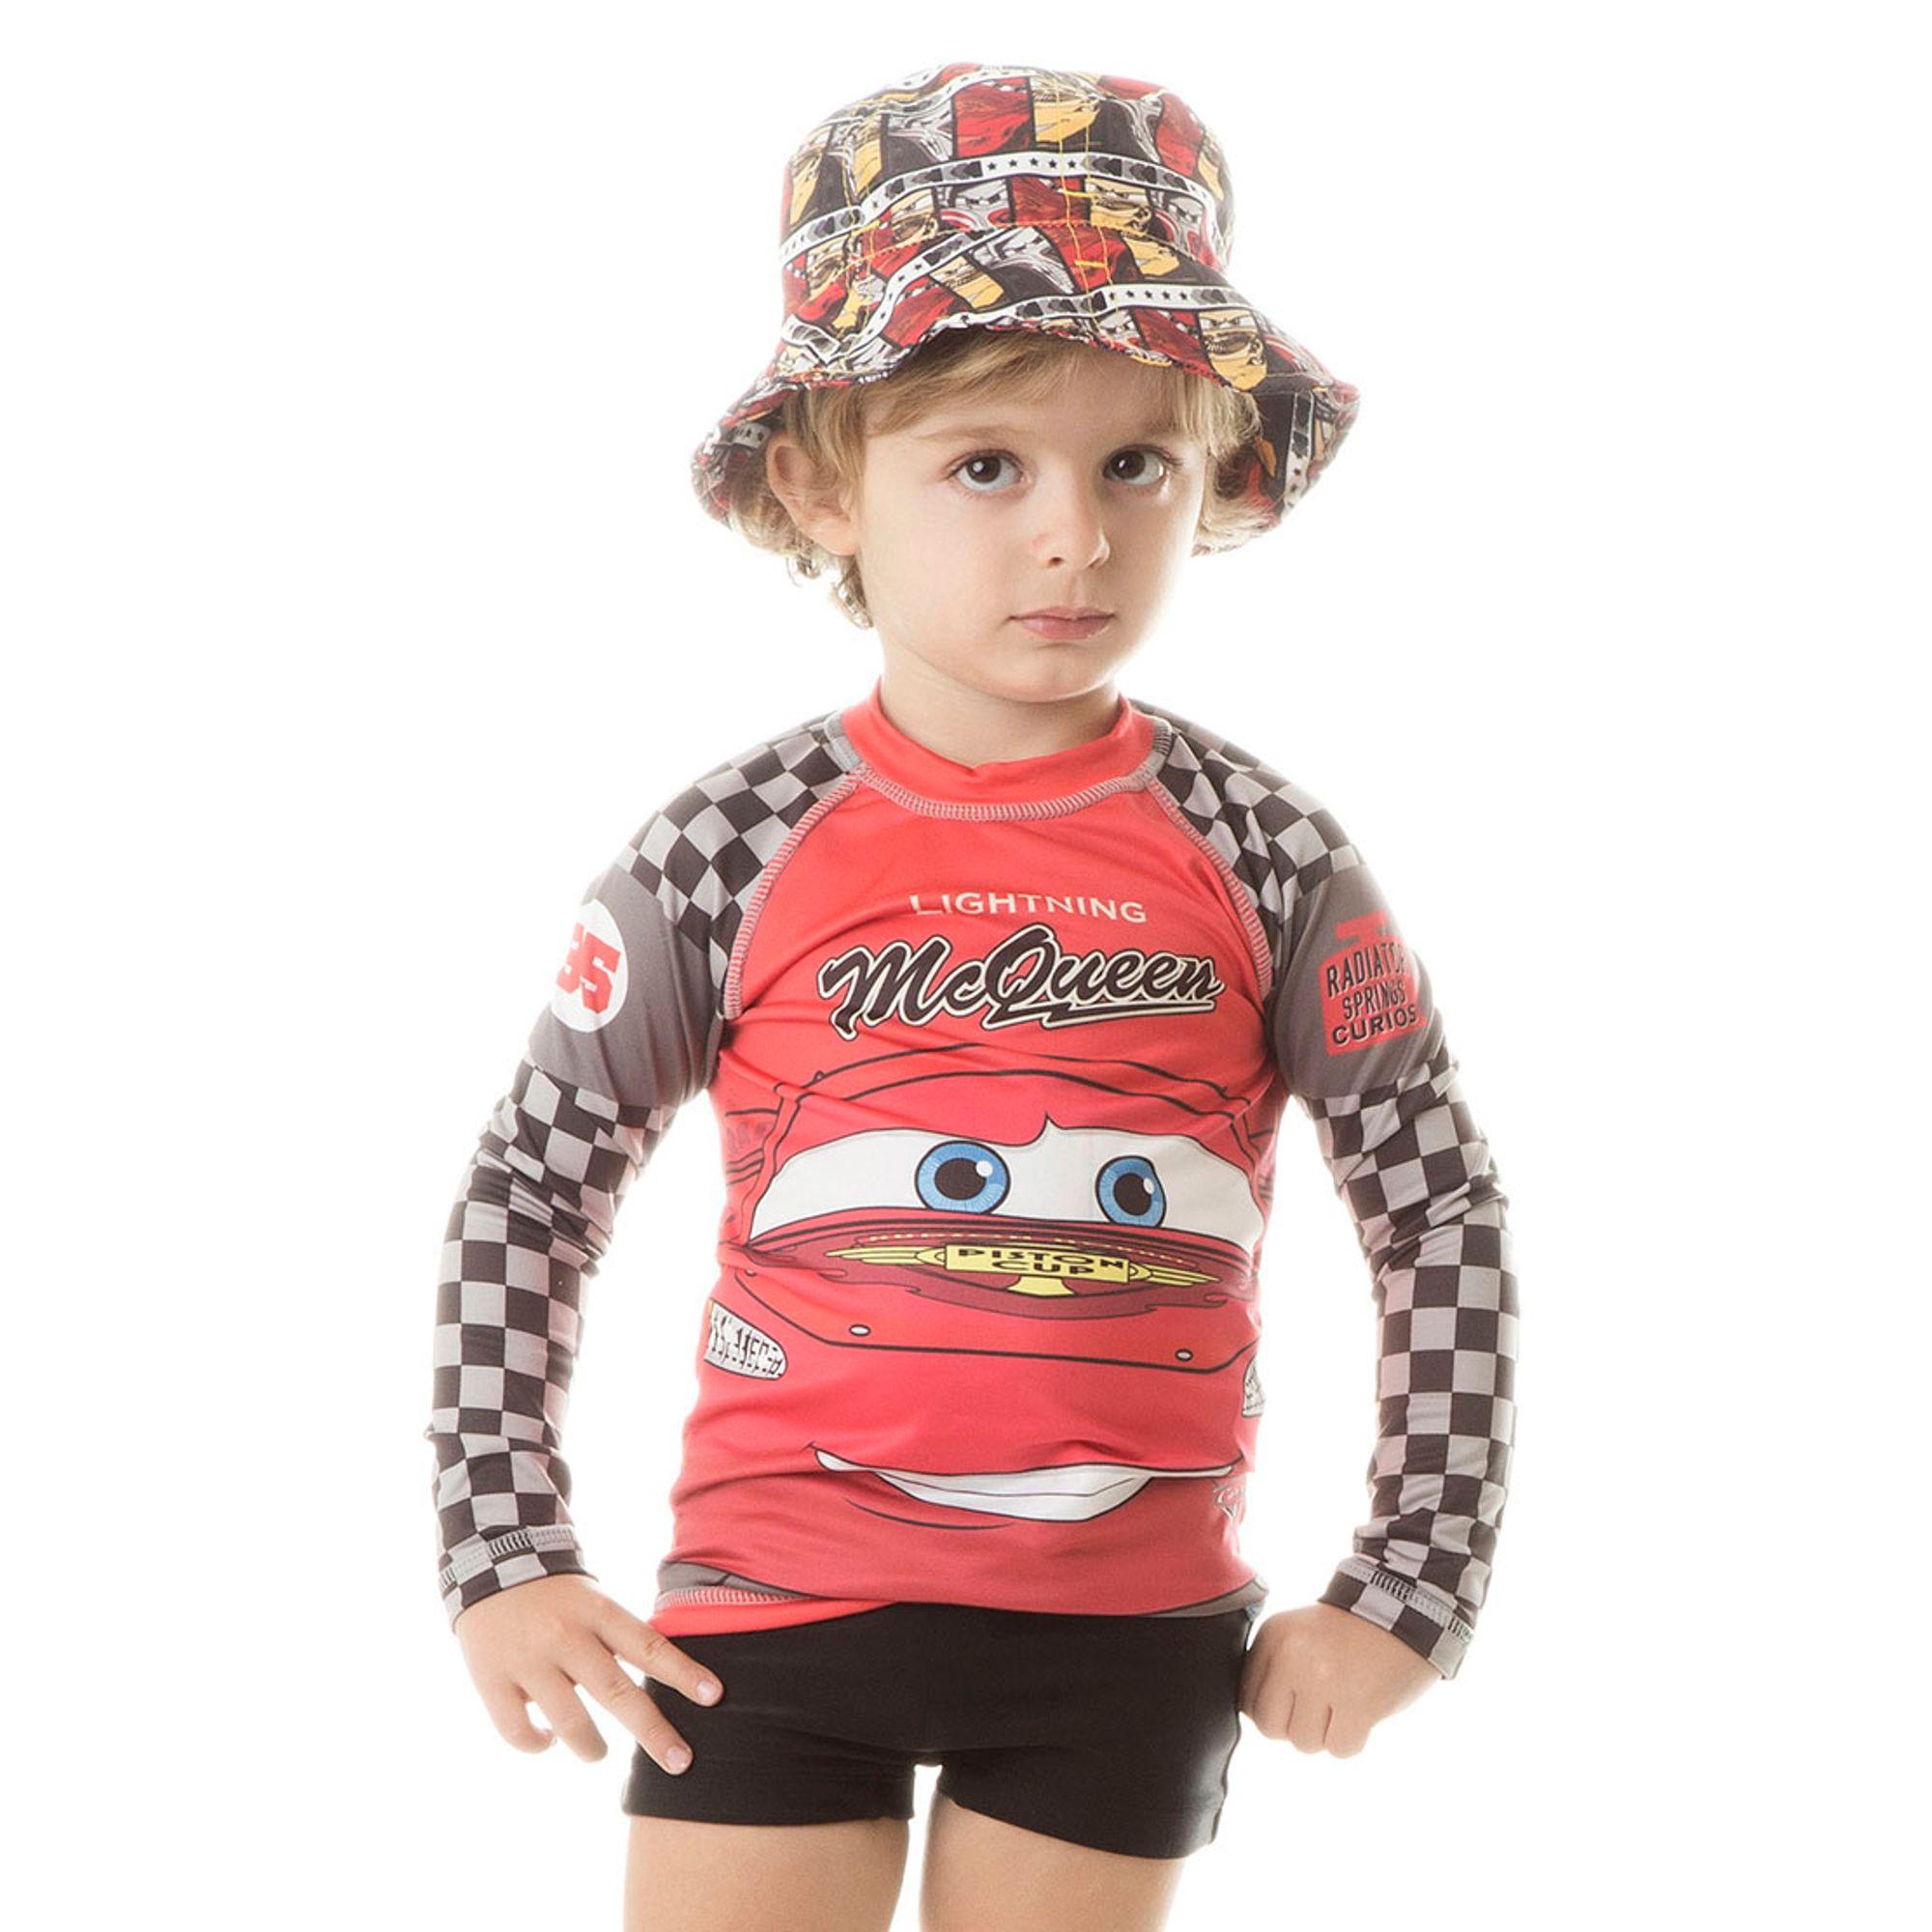 Camiseta Menino Acqua Mcqueen Disney ML com Proteção Solar U.V. Line ... 022643a064b